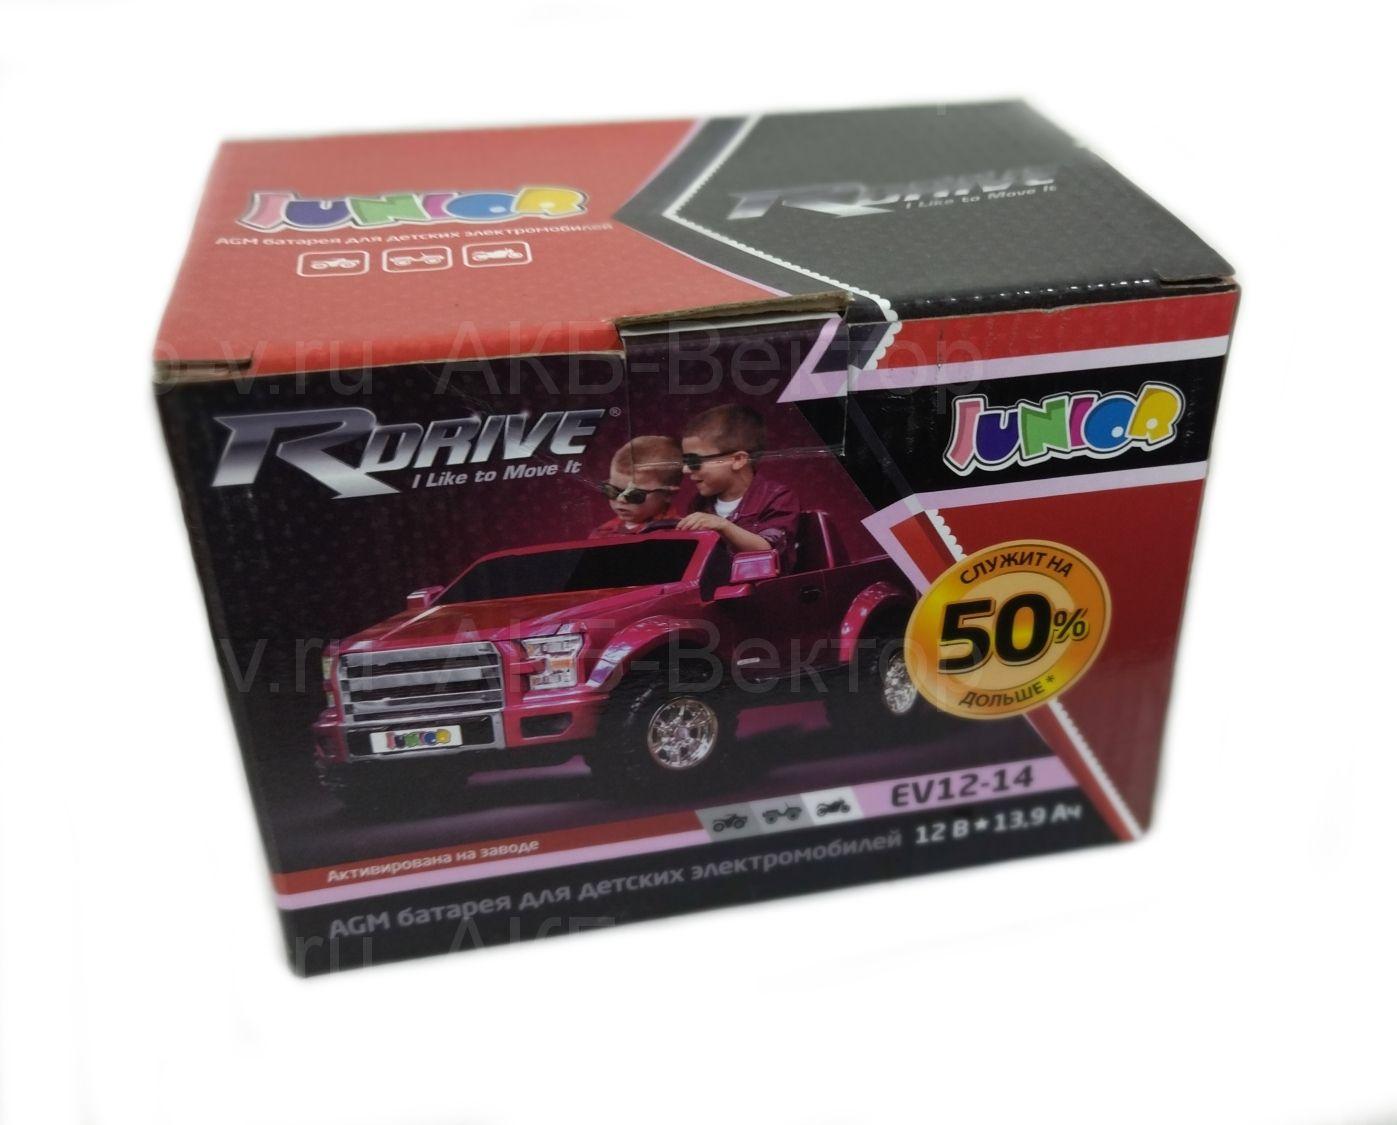 RDrive Junior EV12-14 12VAGM батарея для детских электромобилей глубокого разряда.